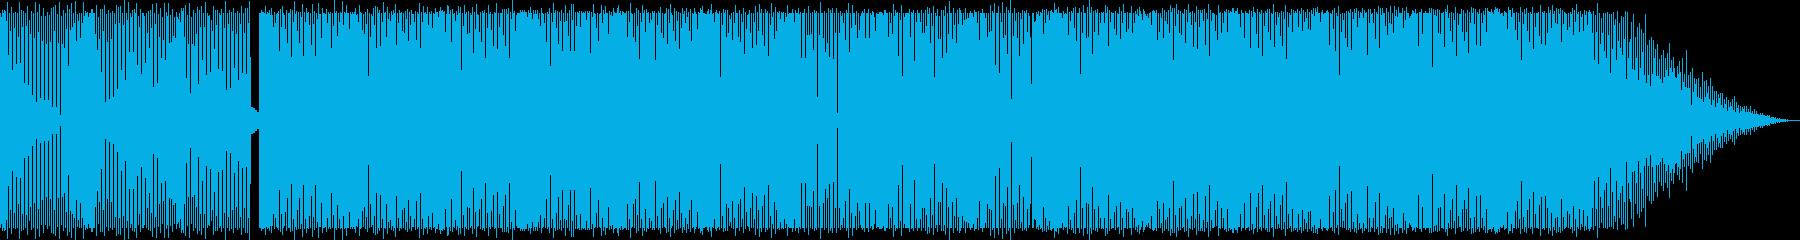 浮遊感/ディープハウス_No444の再生済みの波形